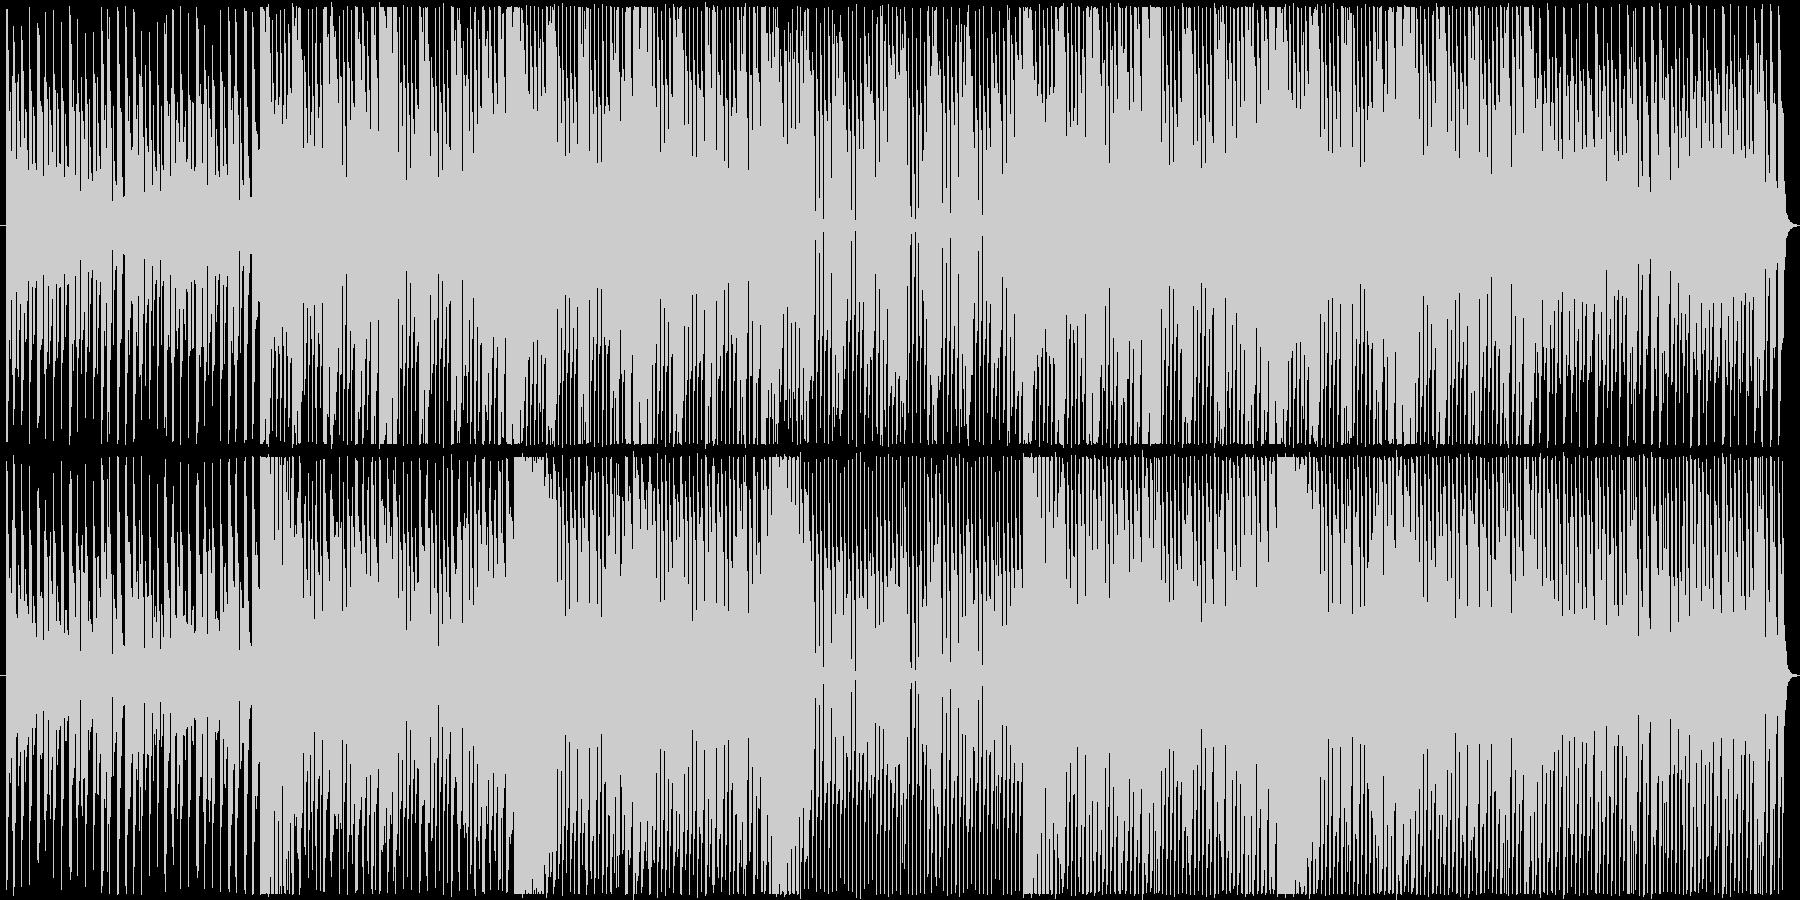 コミカルな雰囲気を持つ4つ打ちのBGMの未再生の波形